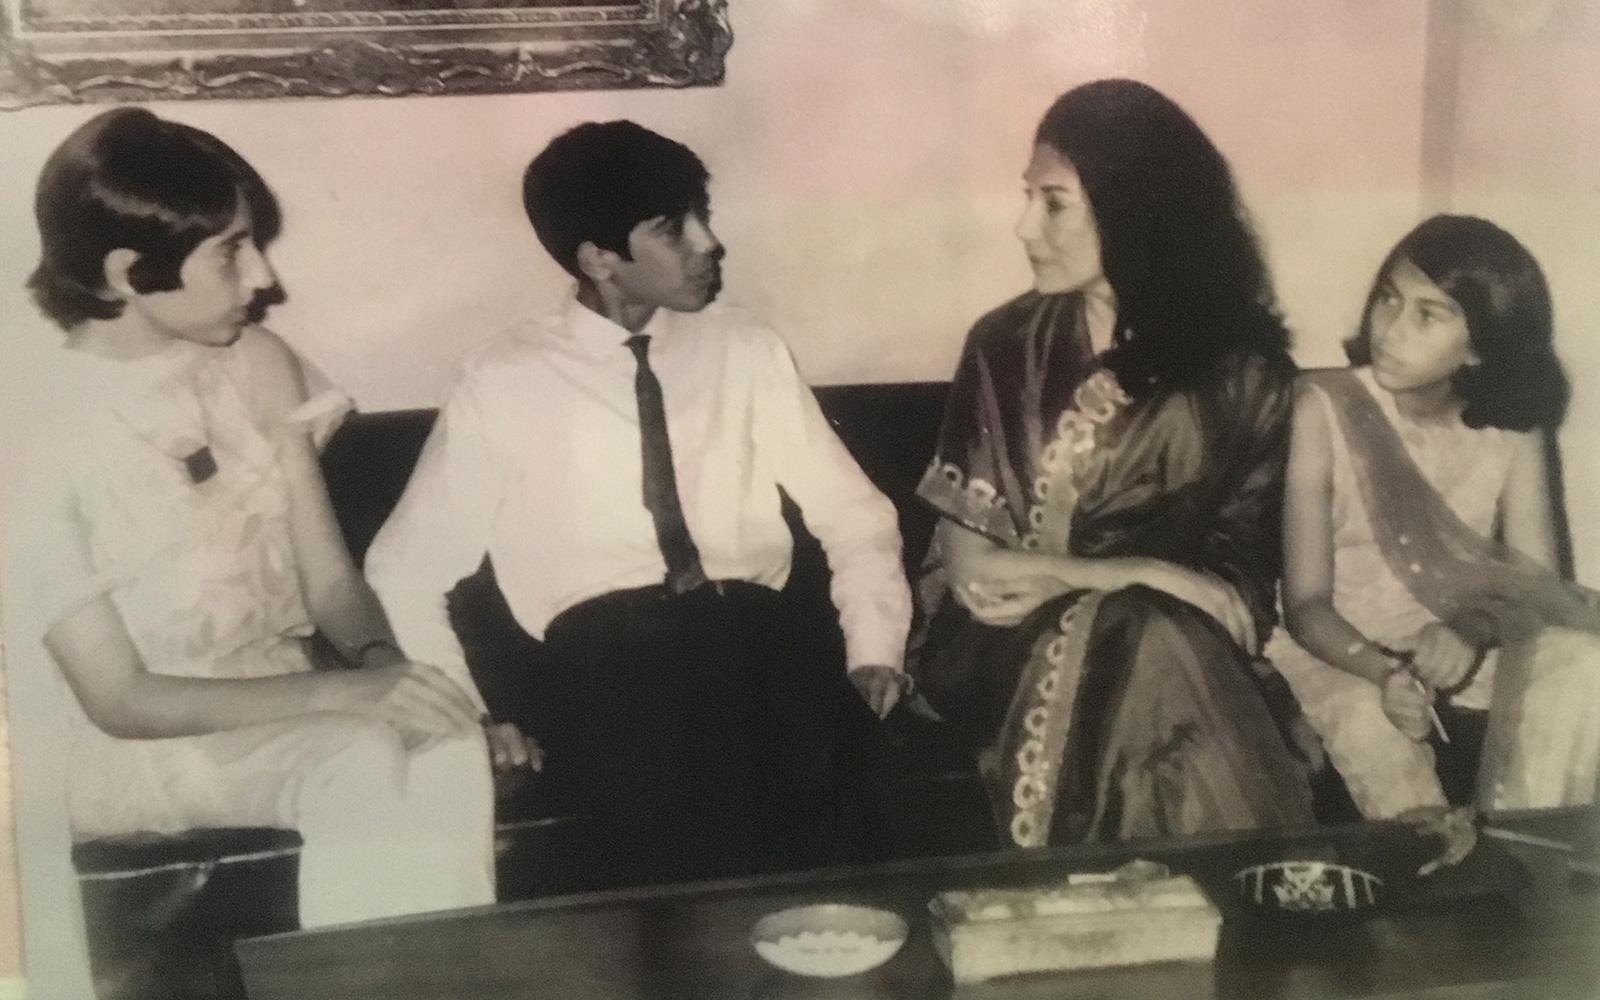 Benazir bhutto autopsy photos